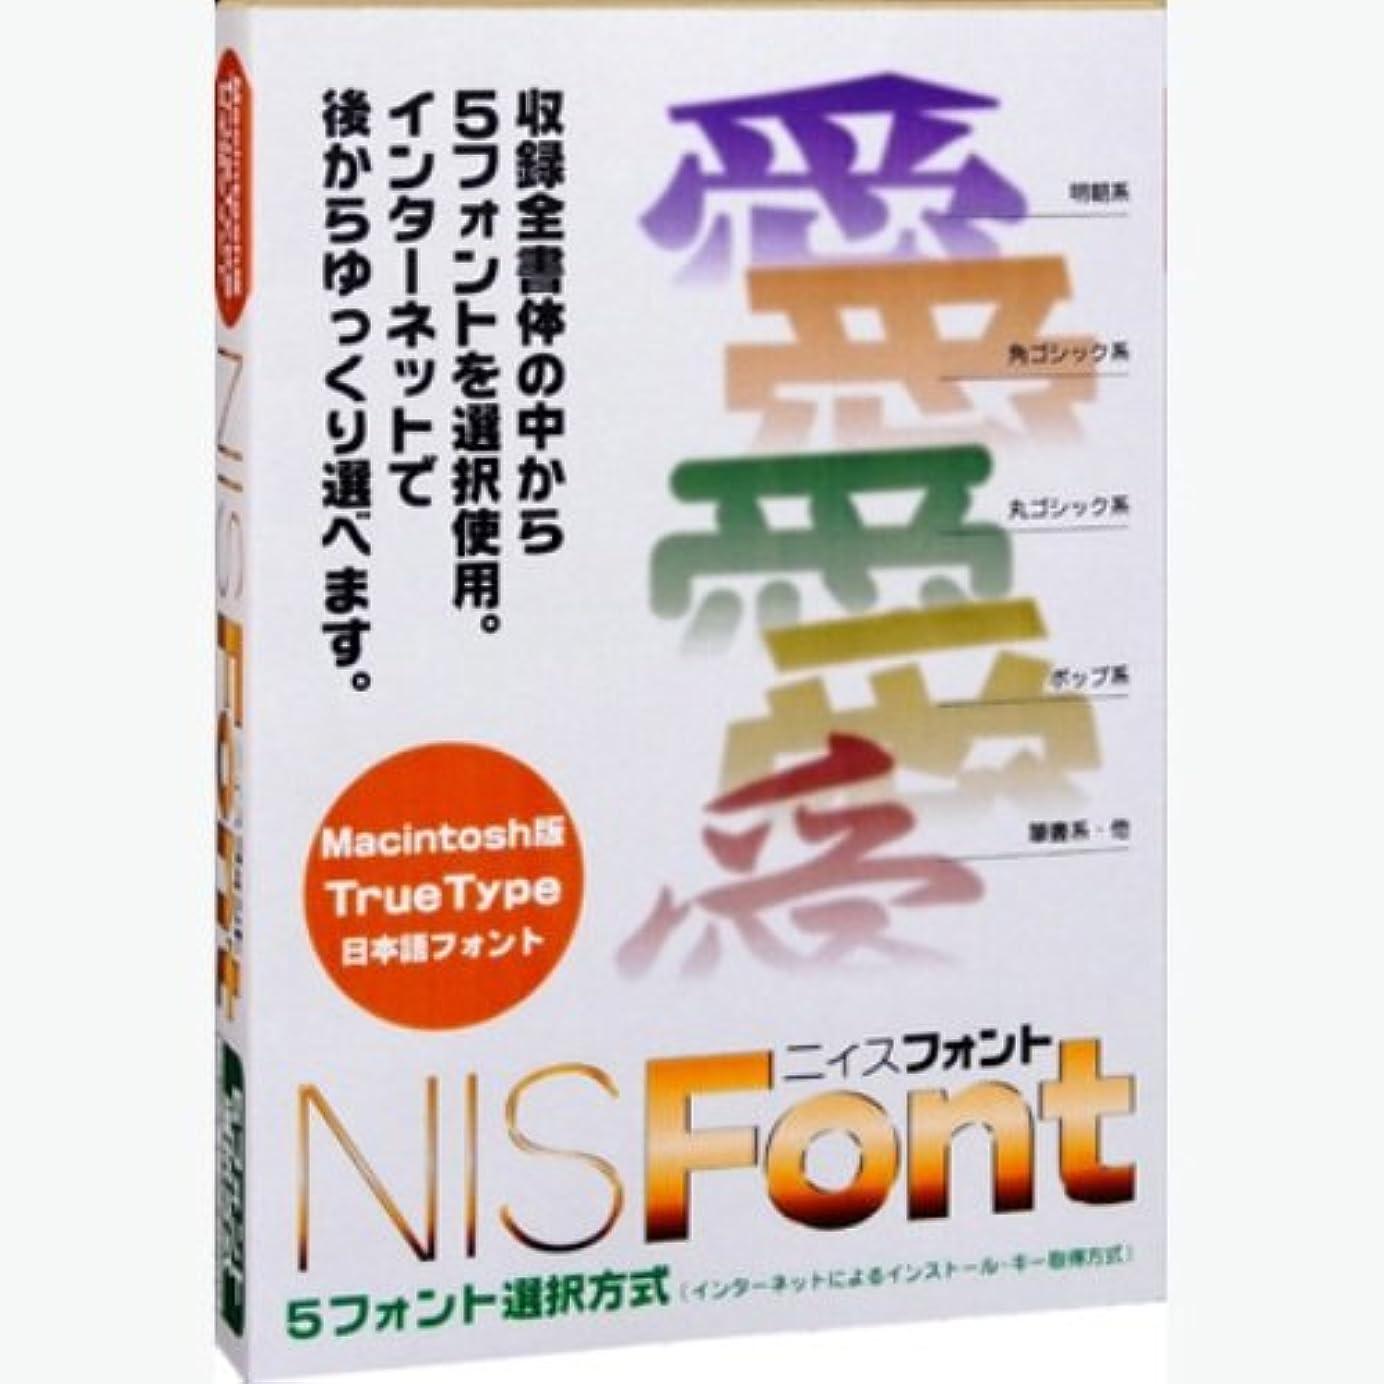 カメラ聞きますリビジョンNIS Font Macintosh版 TrueType Font(5フォント選択版)